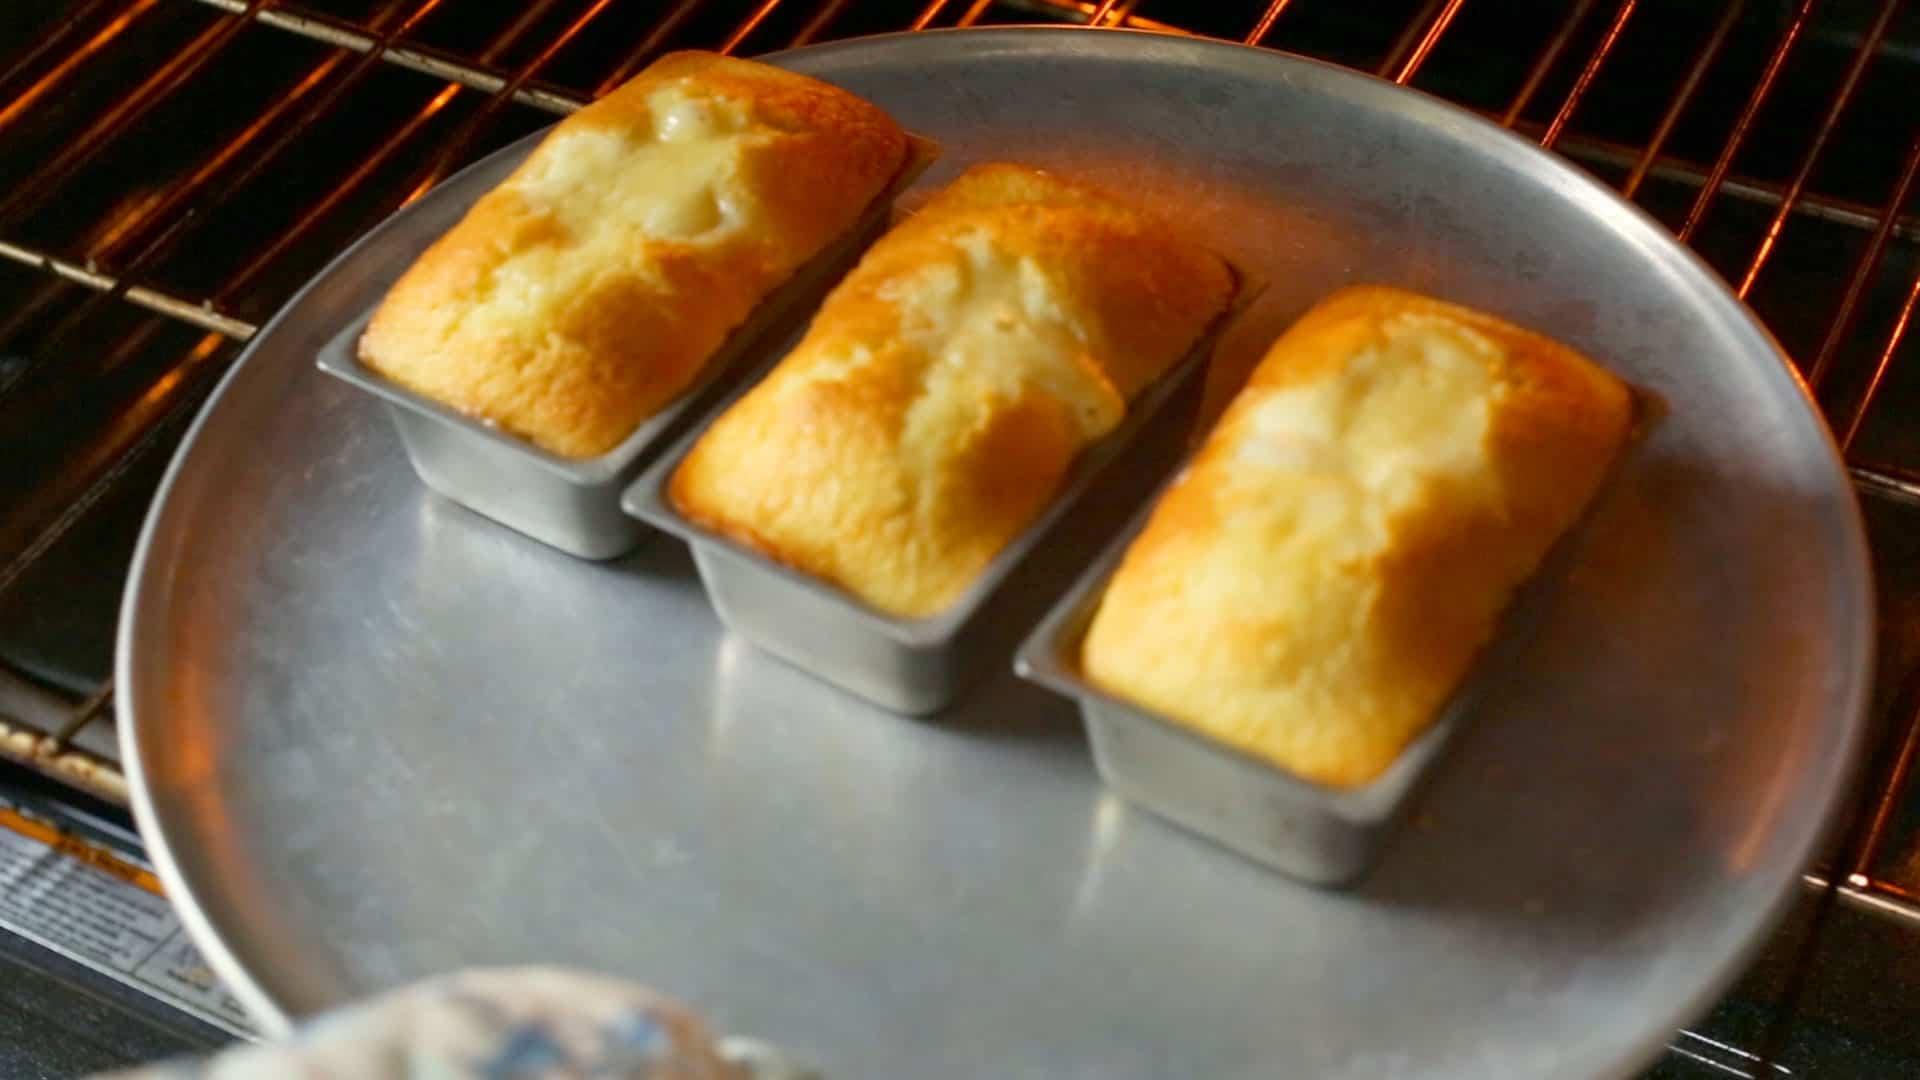 Egg Bread Gyeran Ppang 계란빵 Recipe Maangchi Com